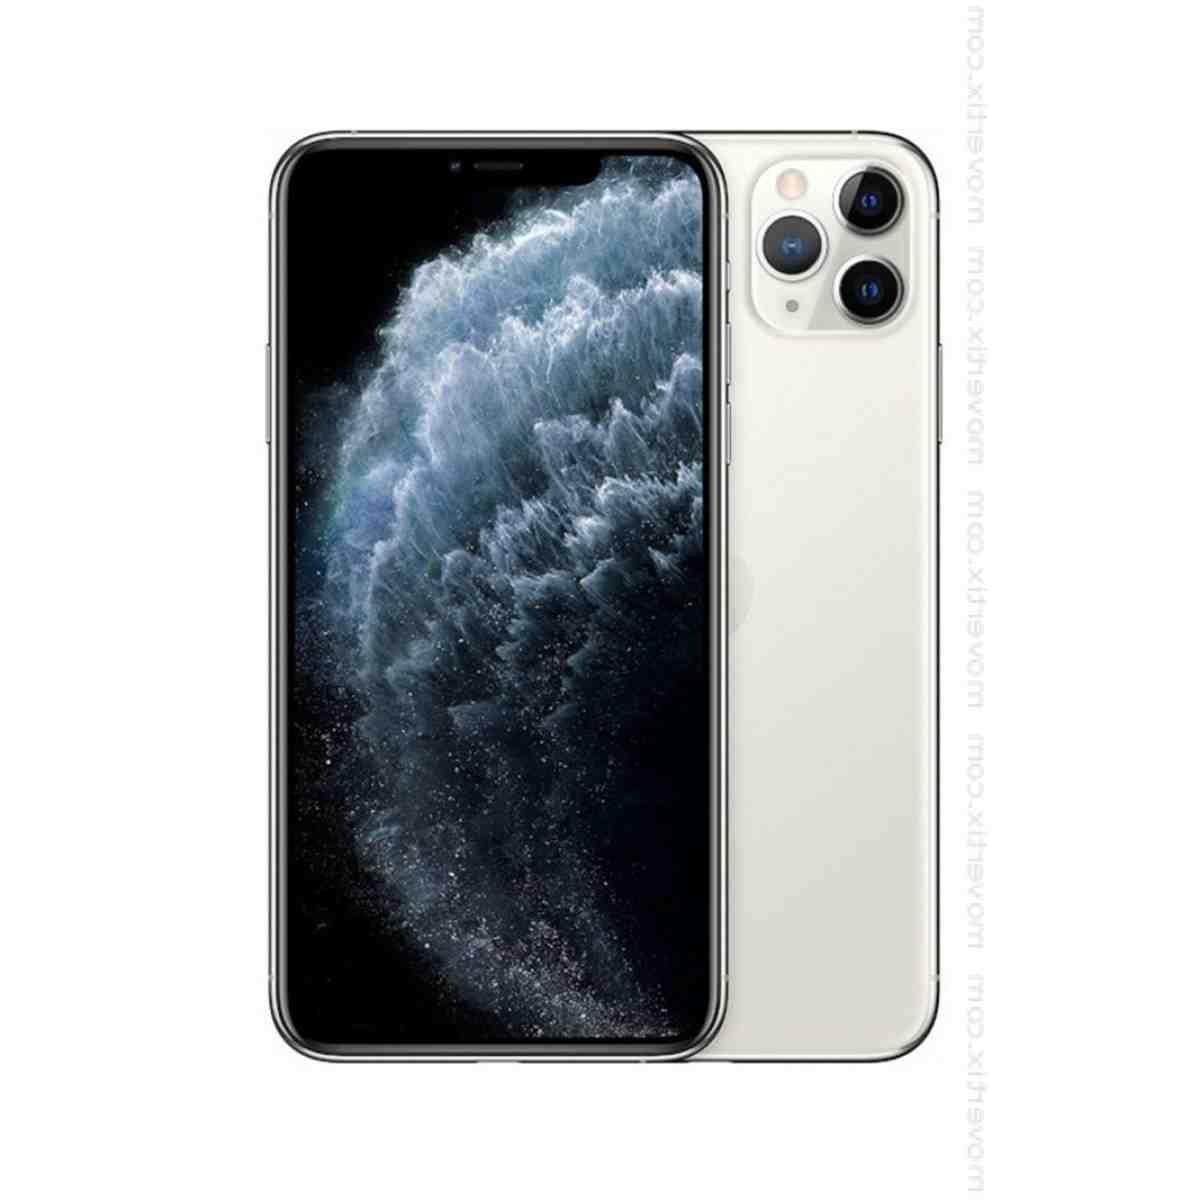 Résolution maximale de l'Iphone 11 pro